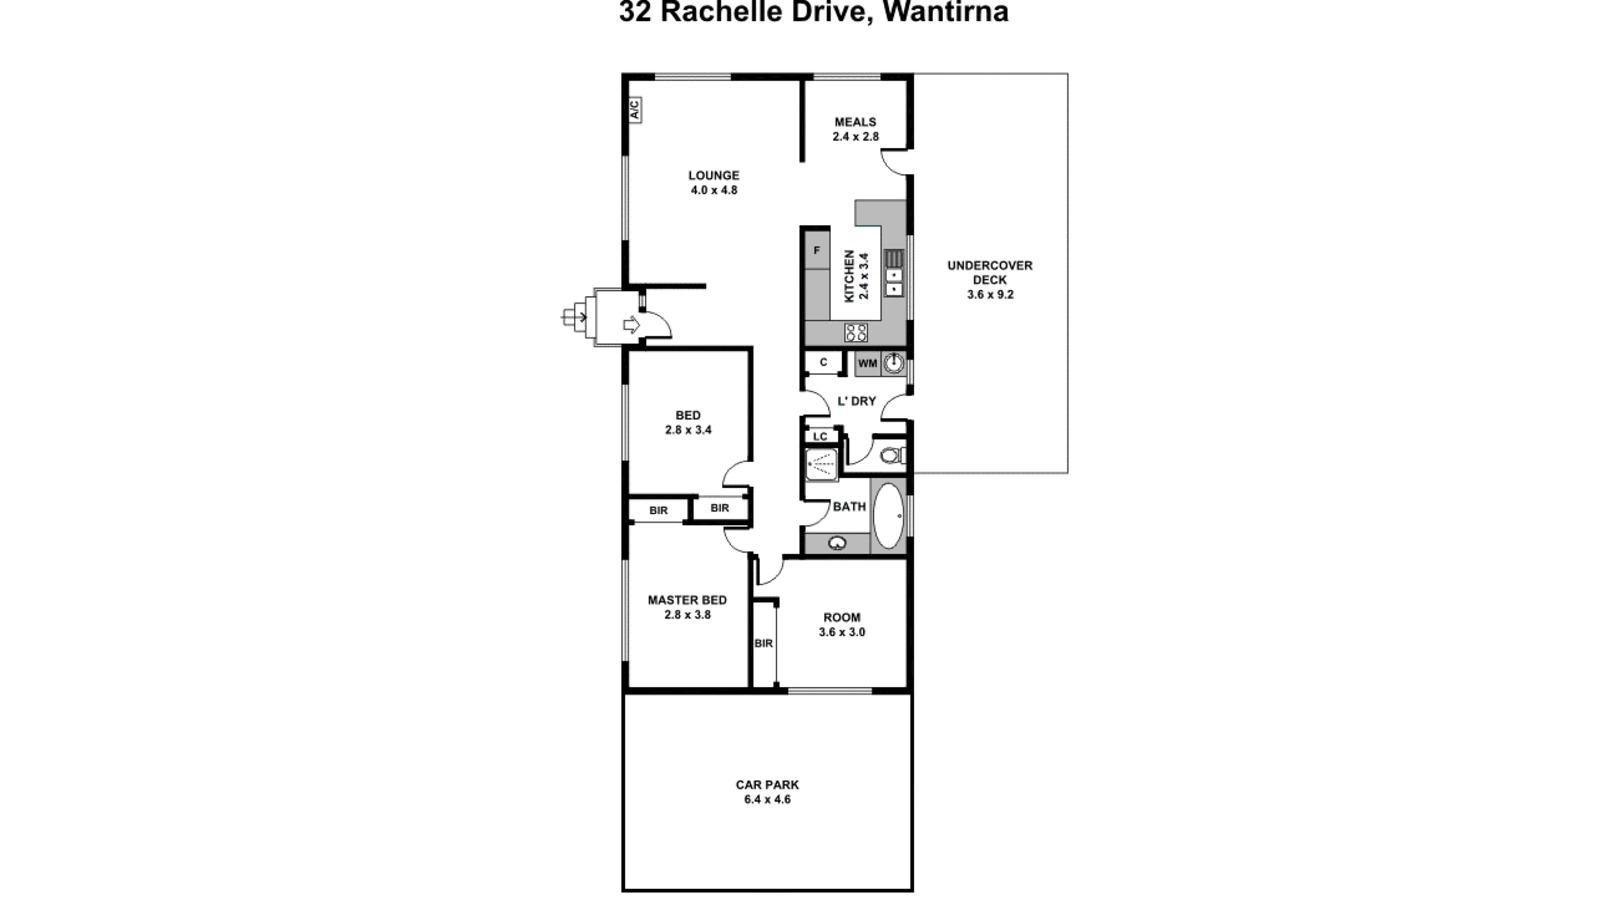 32 Rachelle Drive, Wantirna